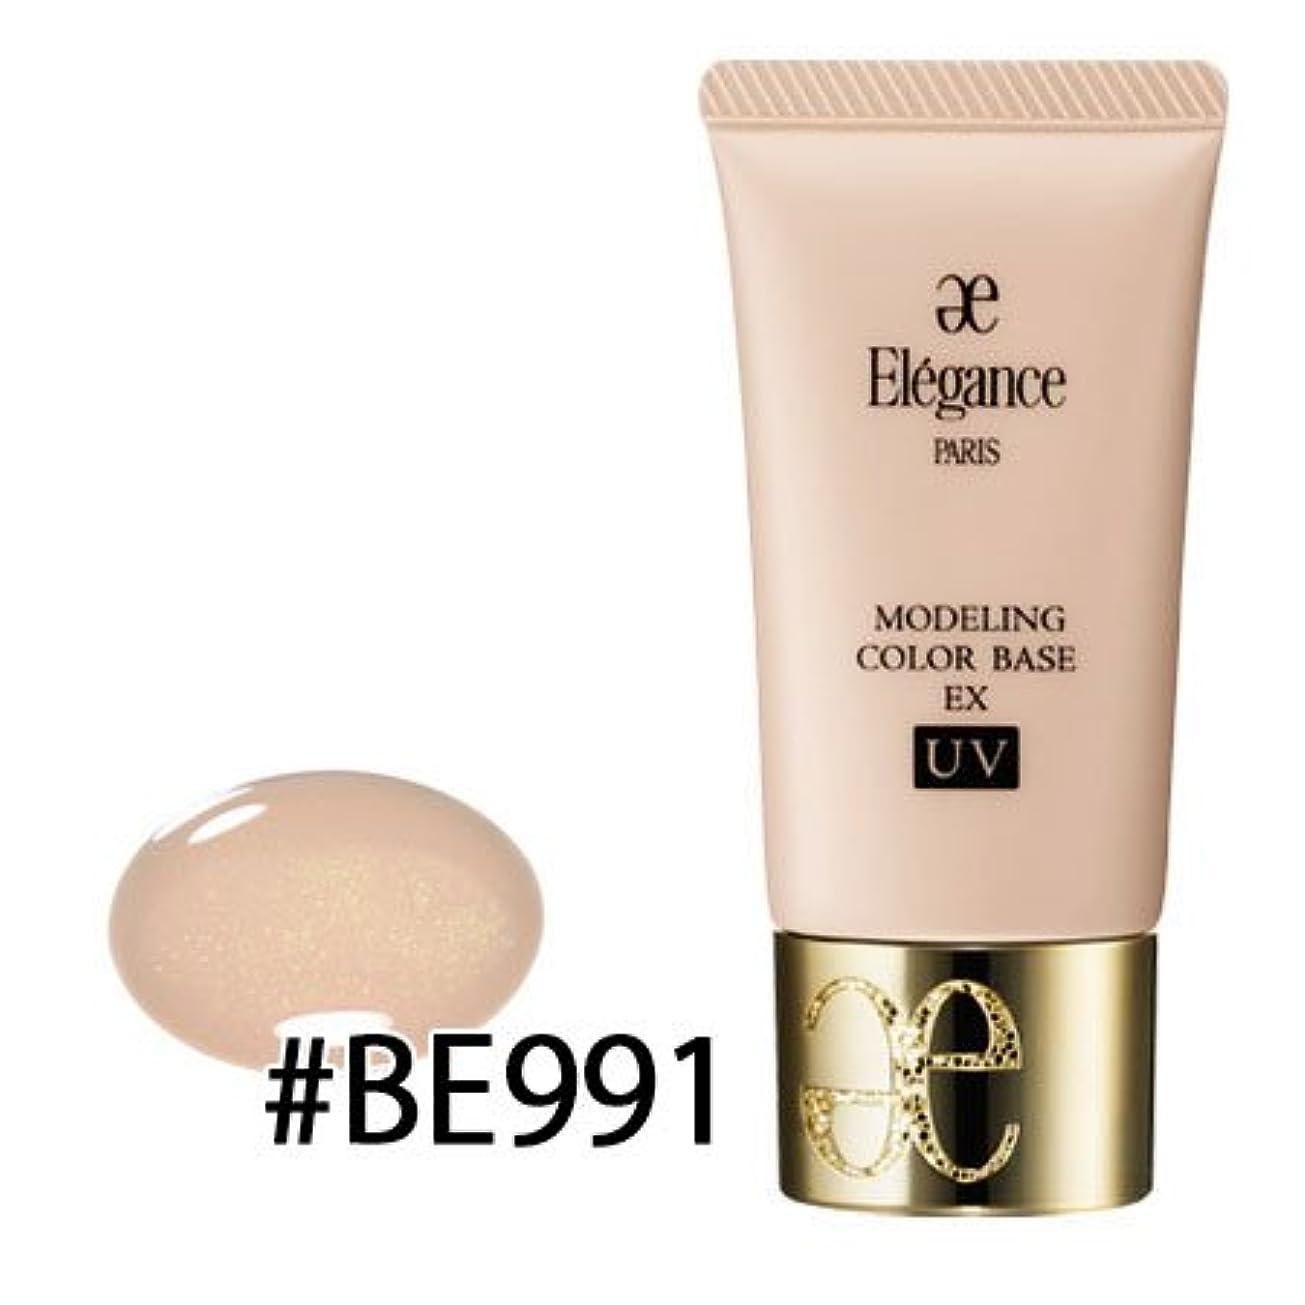 十分な祈るショルダーエレガンス モデリング カラーベース EX UV #BE991